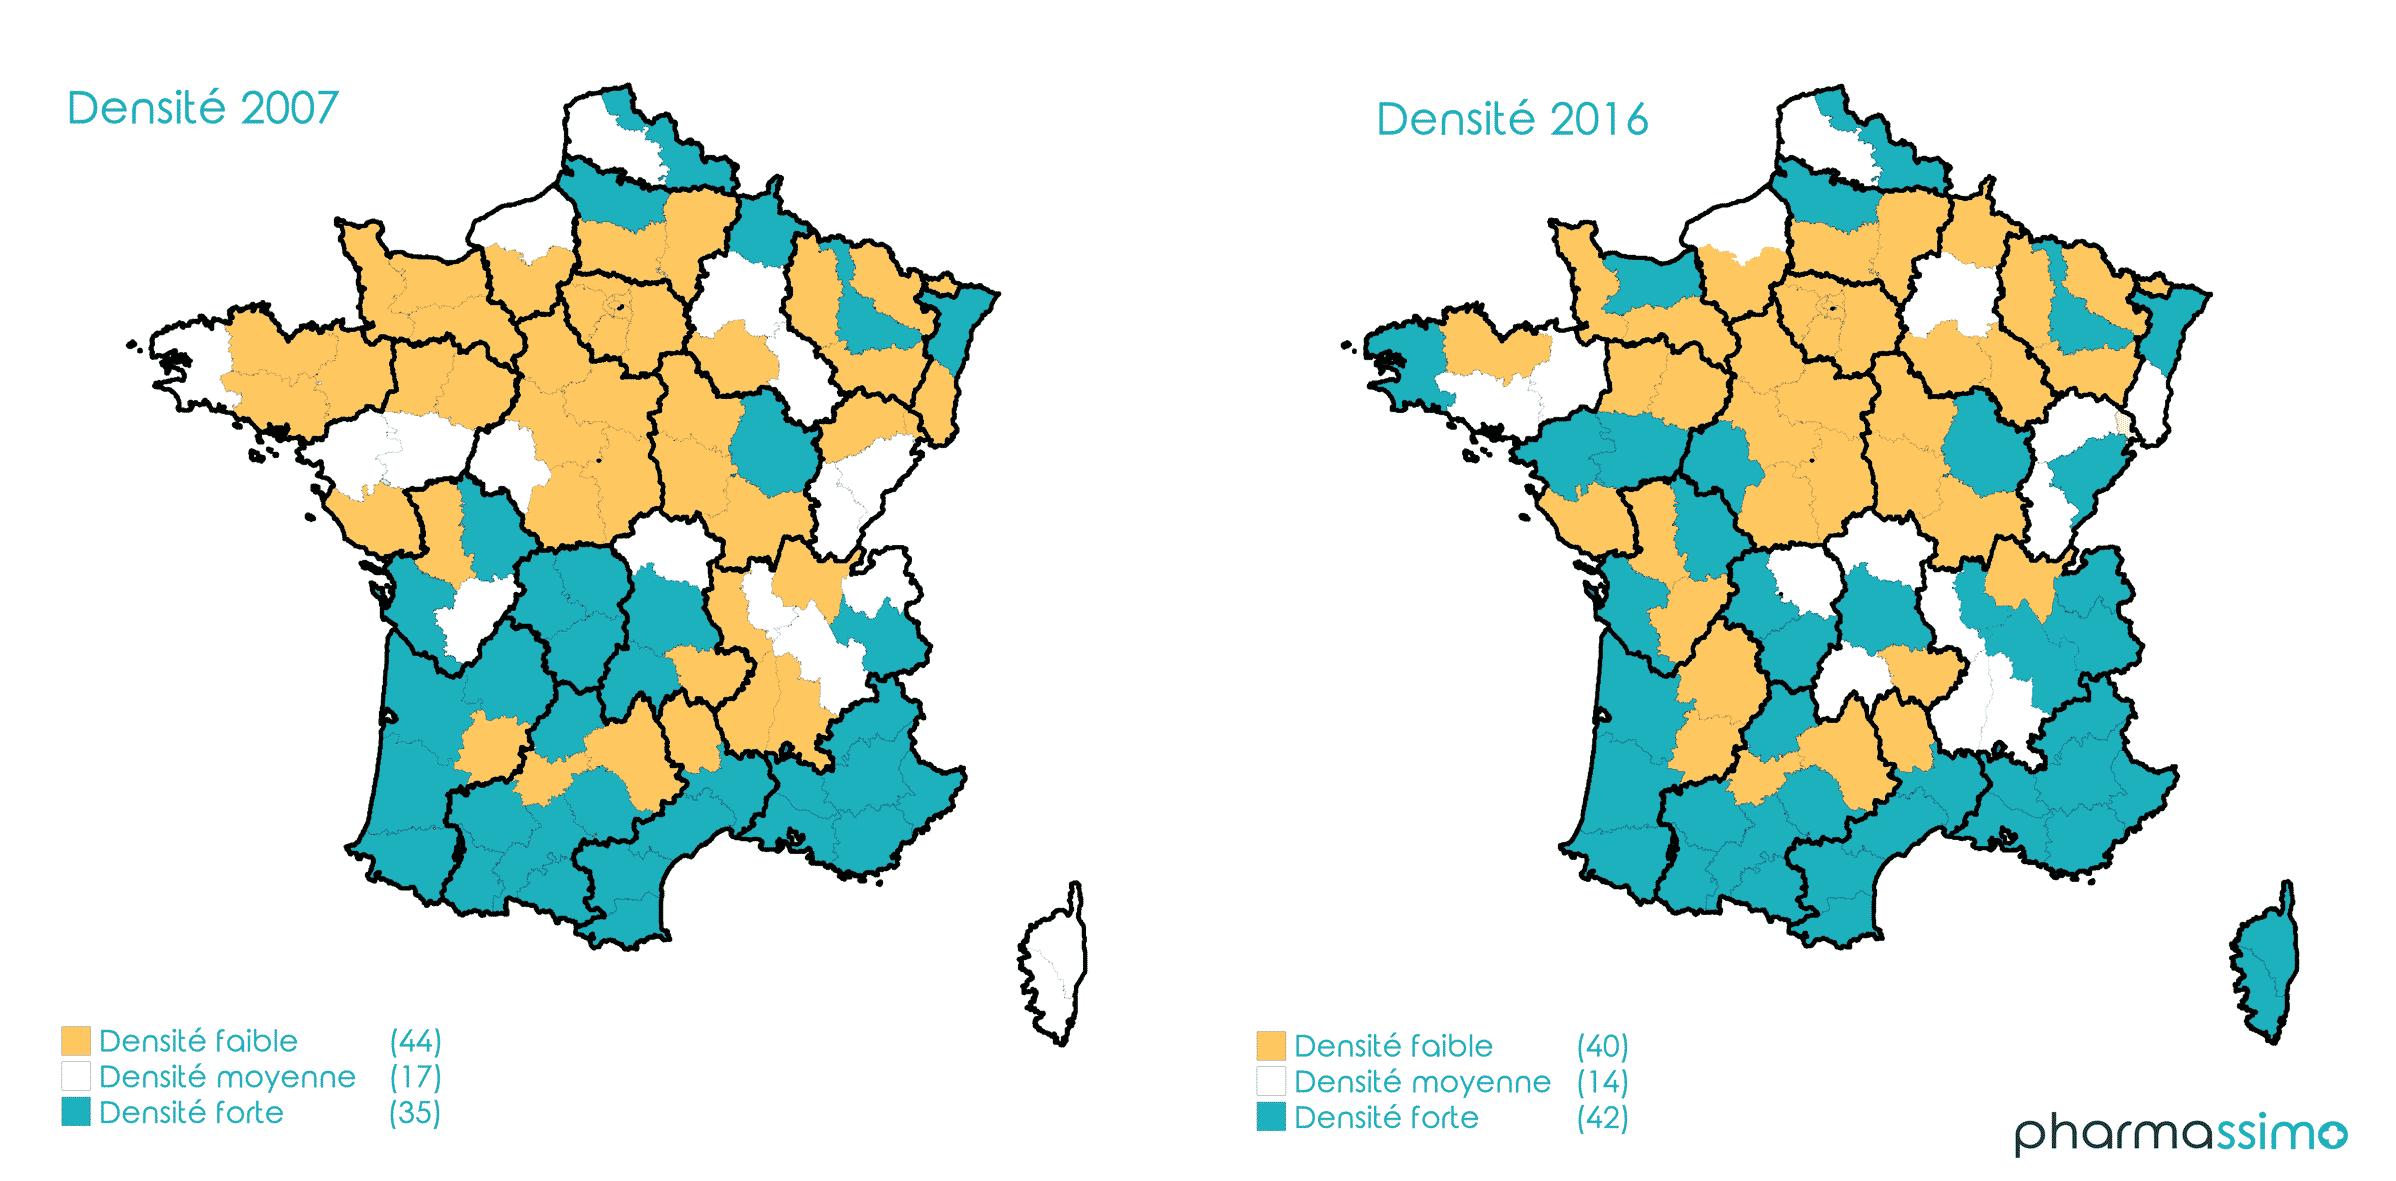 Densité médecins par département français | Pharmassimo